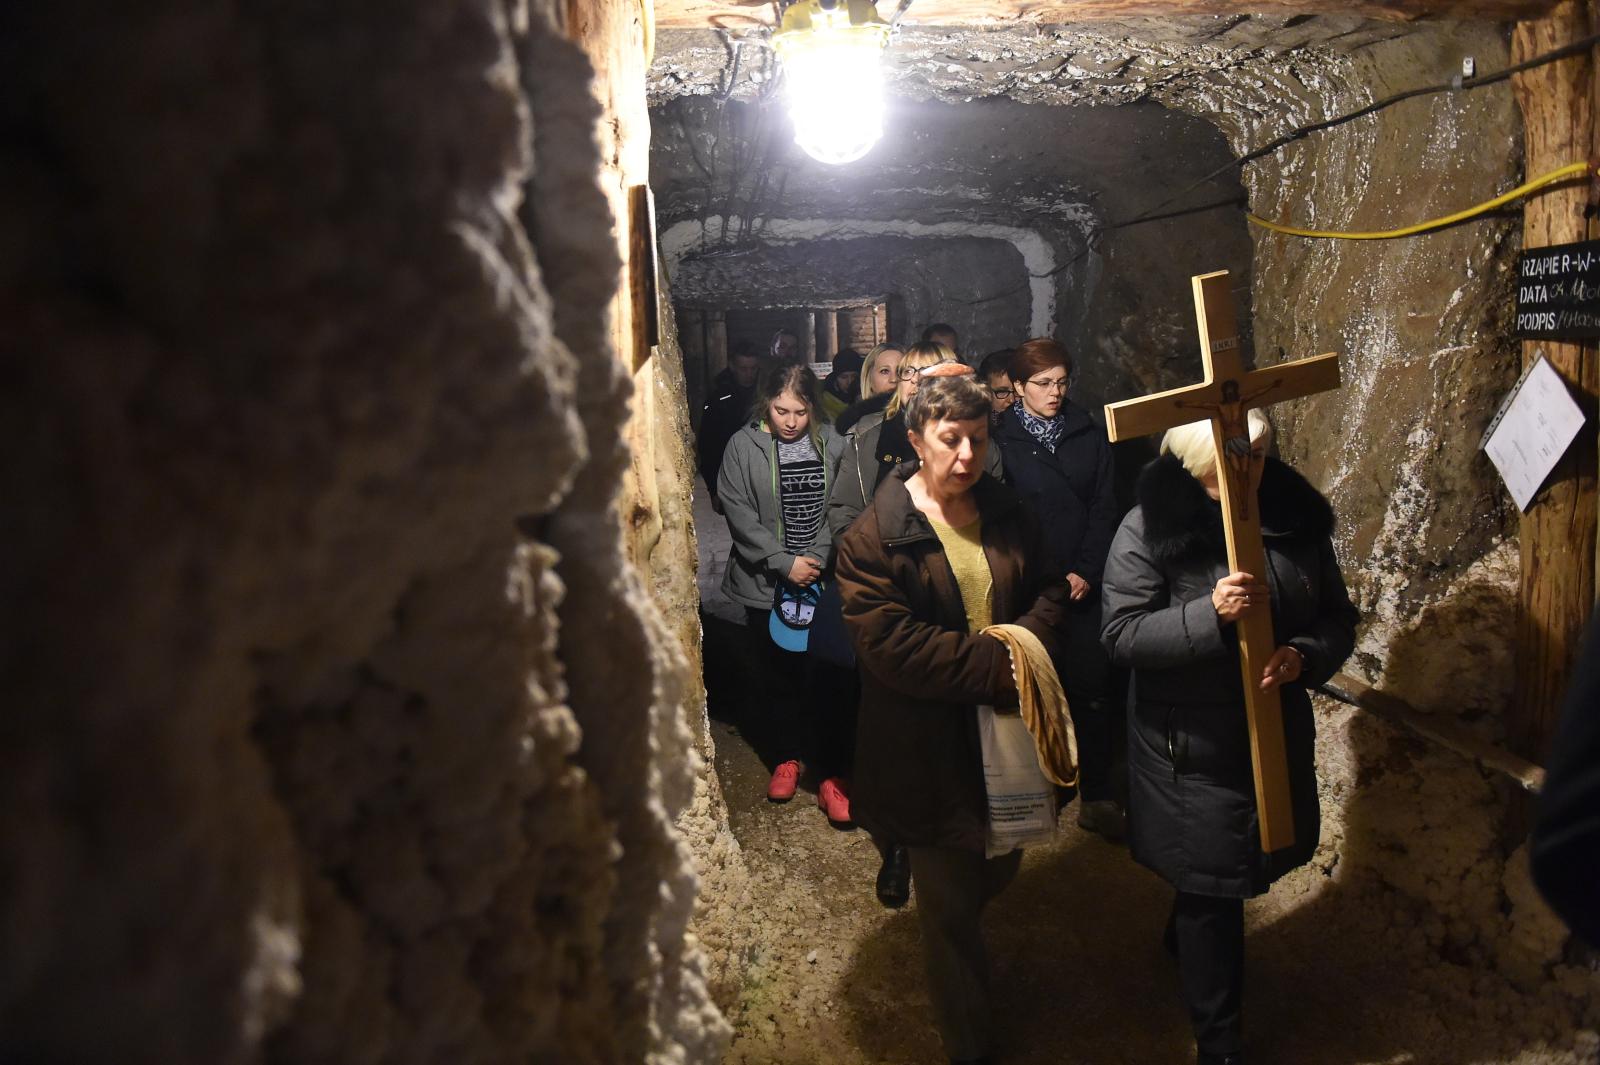 Inauguracja Drogi Krzyżowej w podziemiach Kopalni Soli Bochnia. Fot. PAP/Jacek Bednarczyk